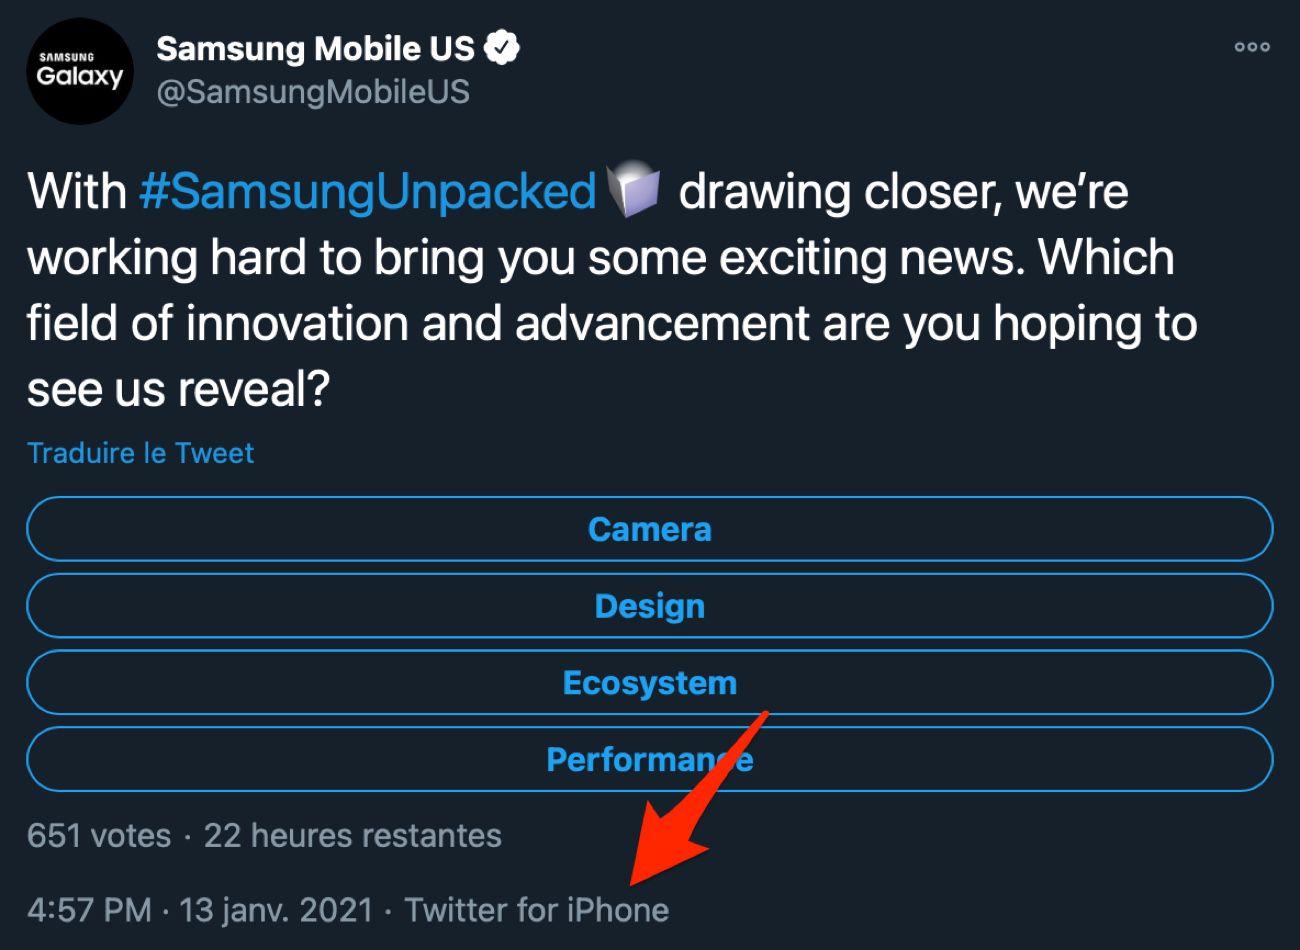 Samsung ha twittato da un iPhone l'evento di lancio del Galaxy S21